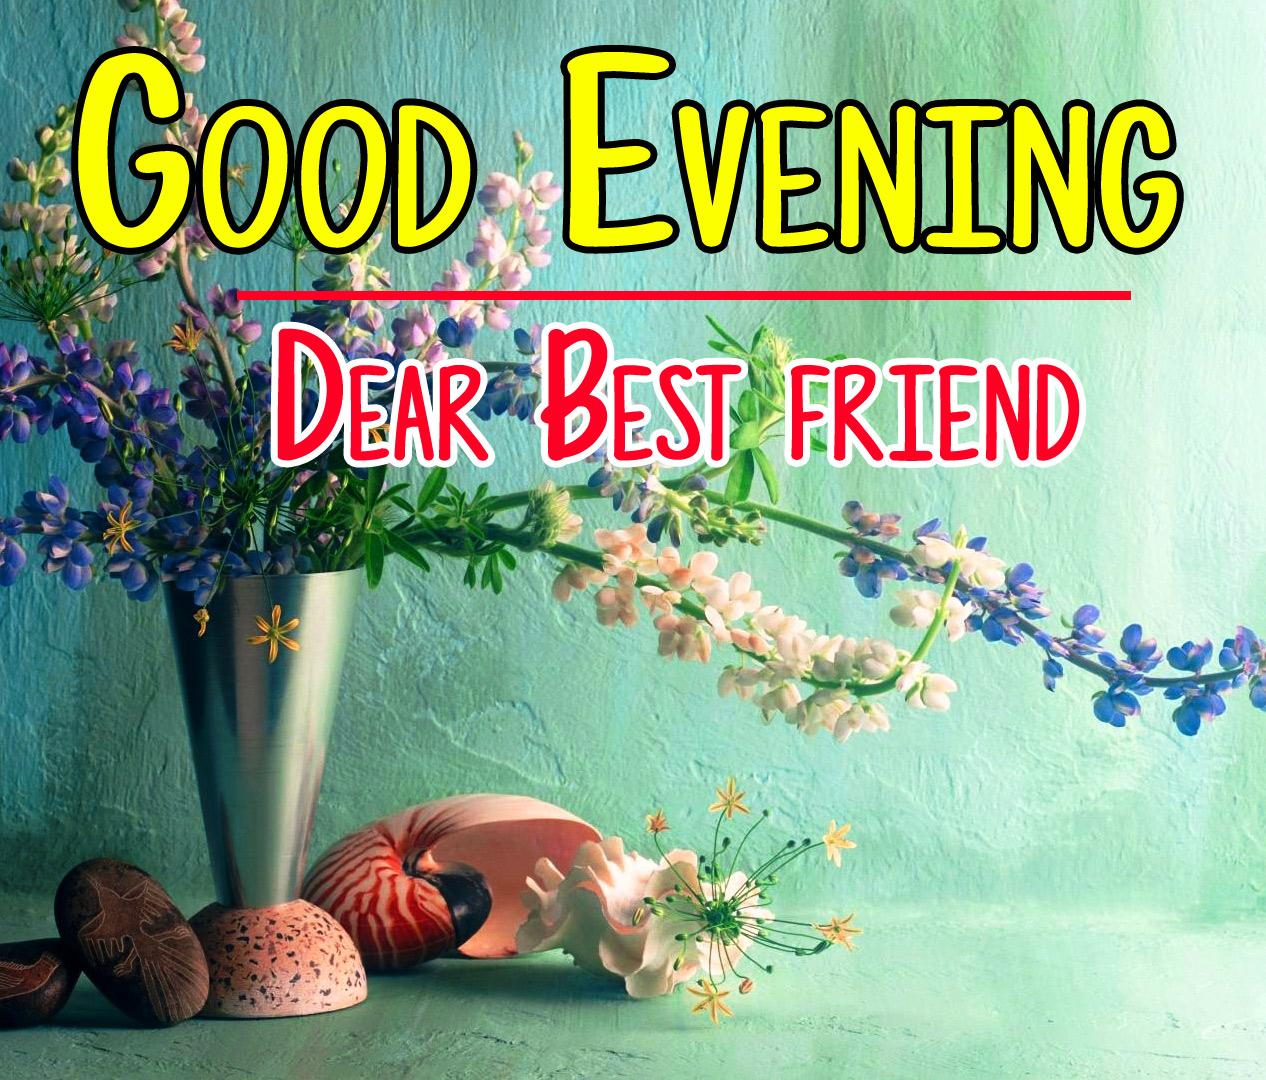 Beautiful Good Evening Images 6